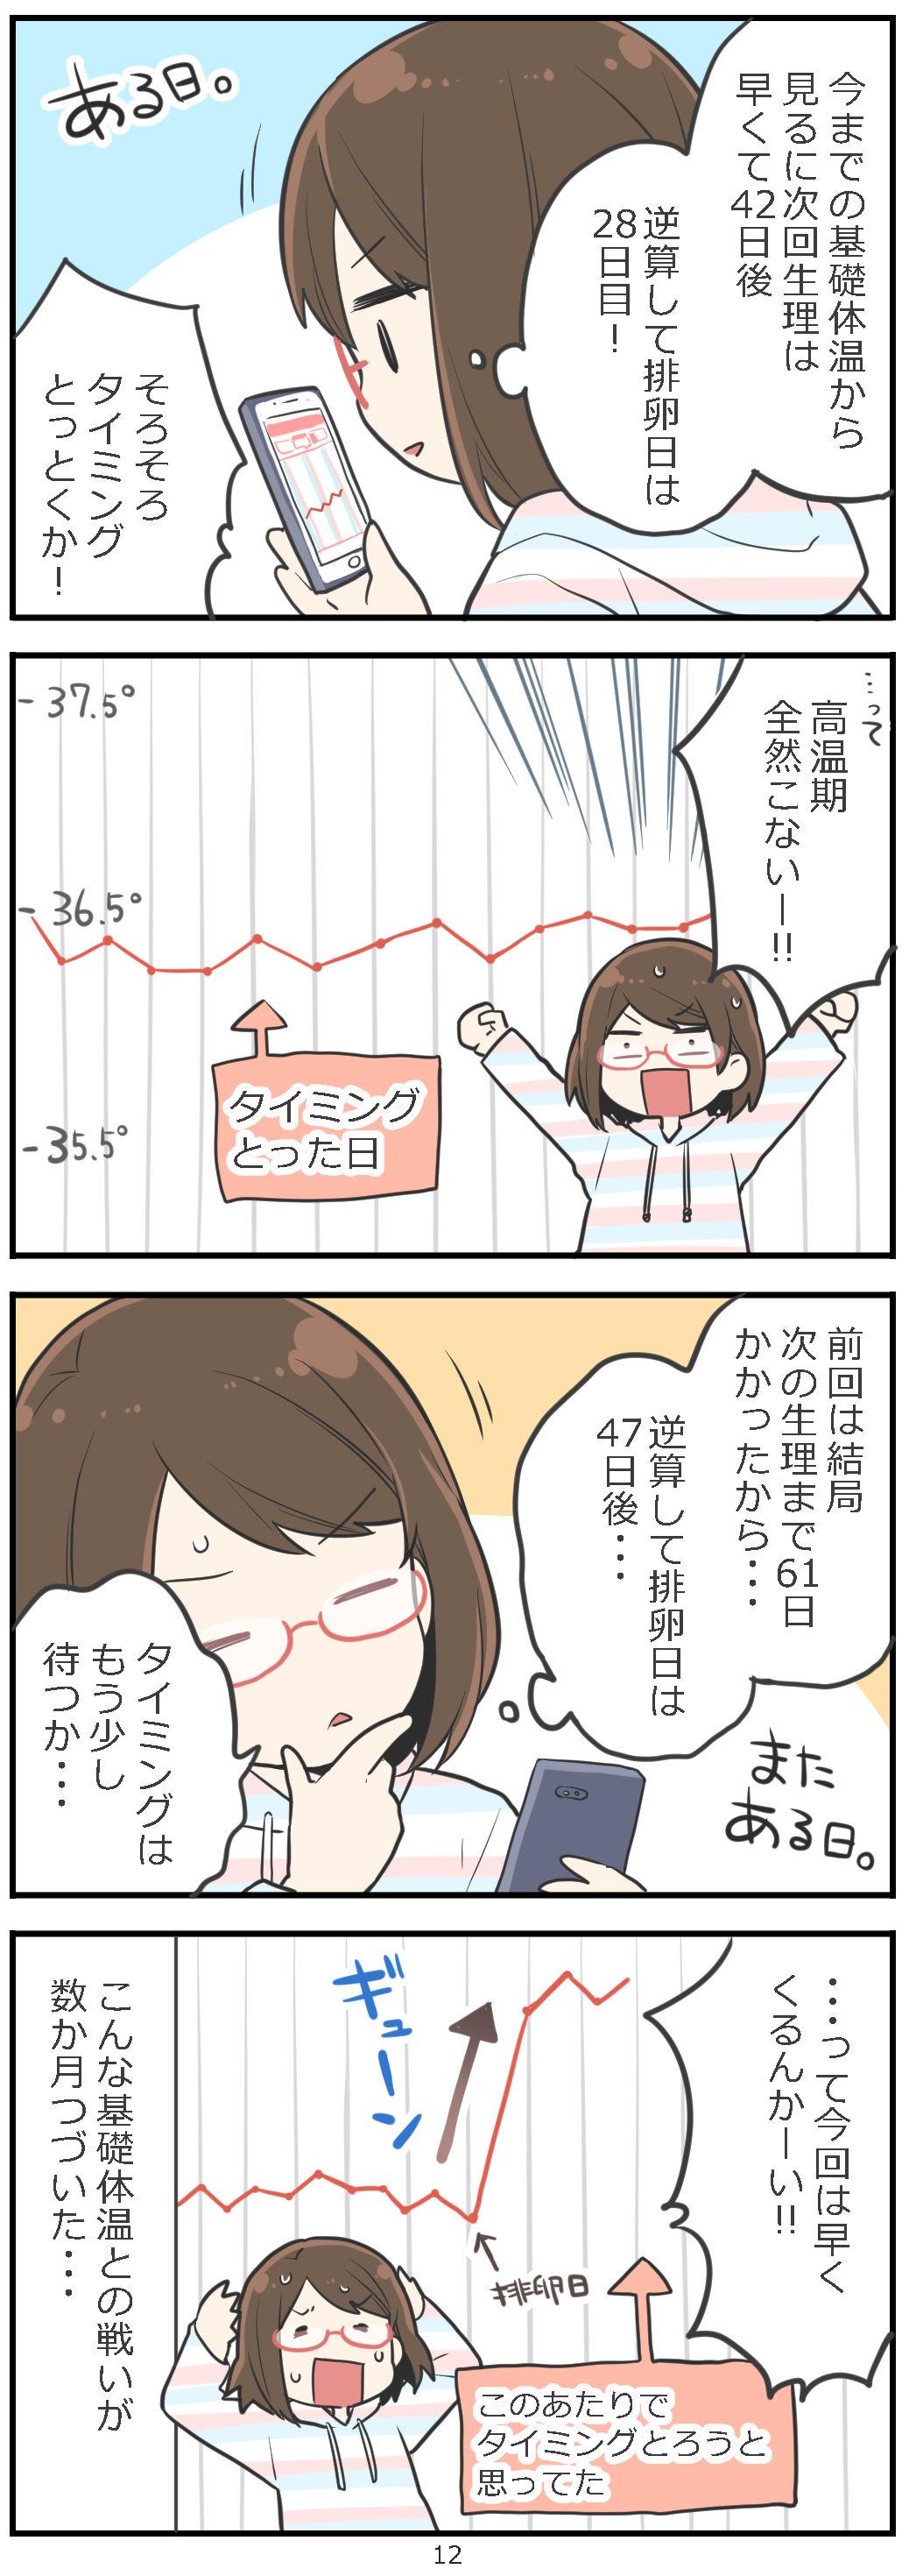 「妊活レベル1 まっふの冒険記」第12話